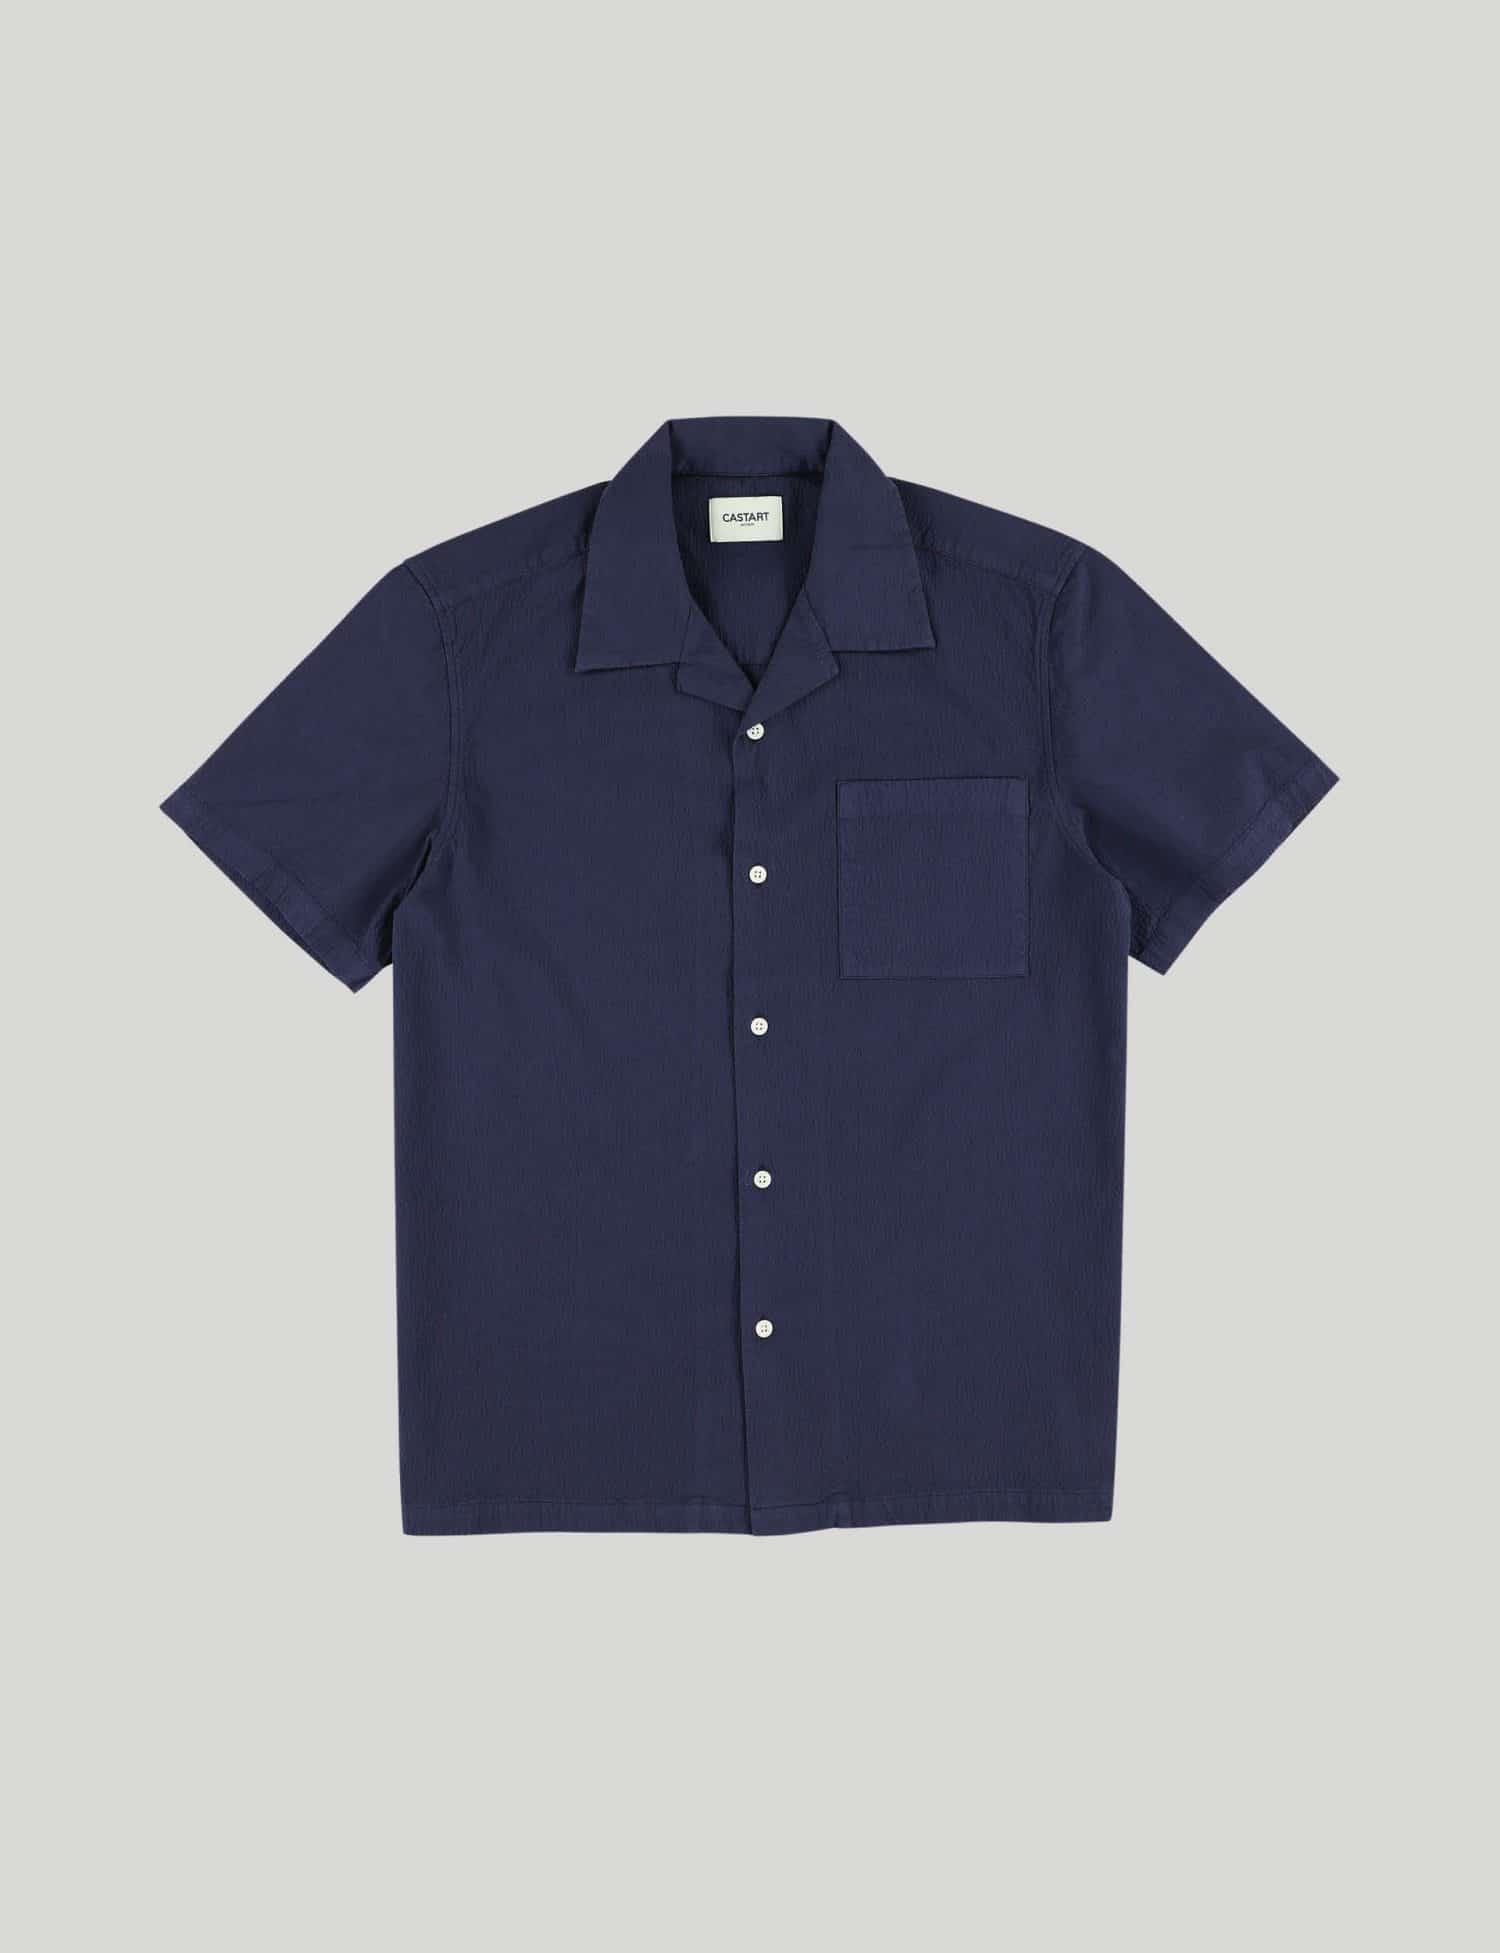 Castart - Tiger Tooth SL Shirt - Navy Blue